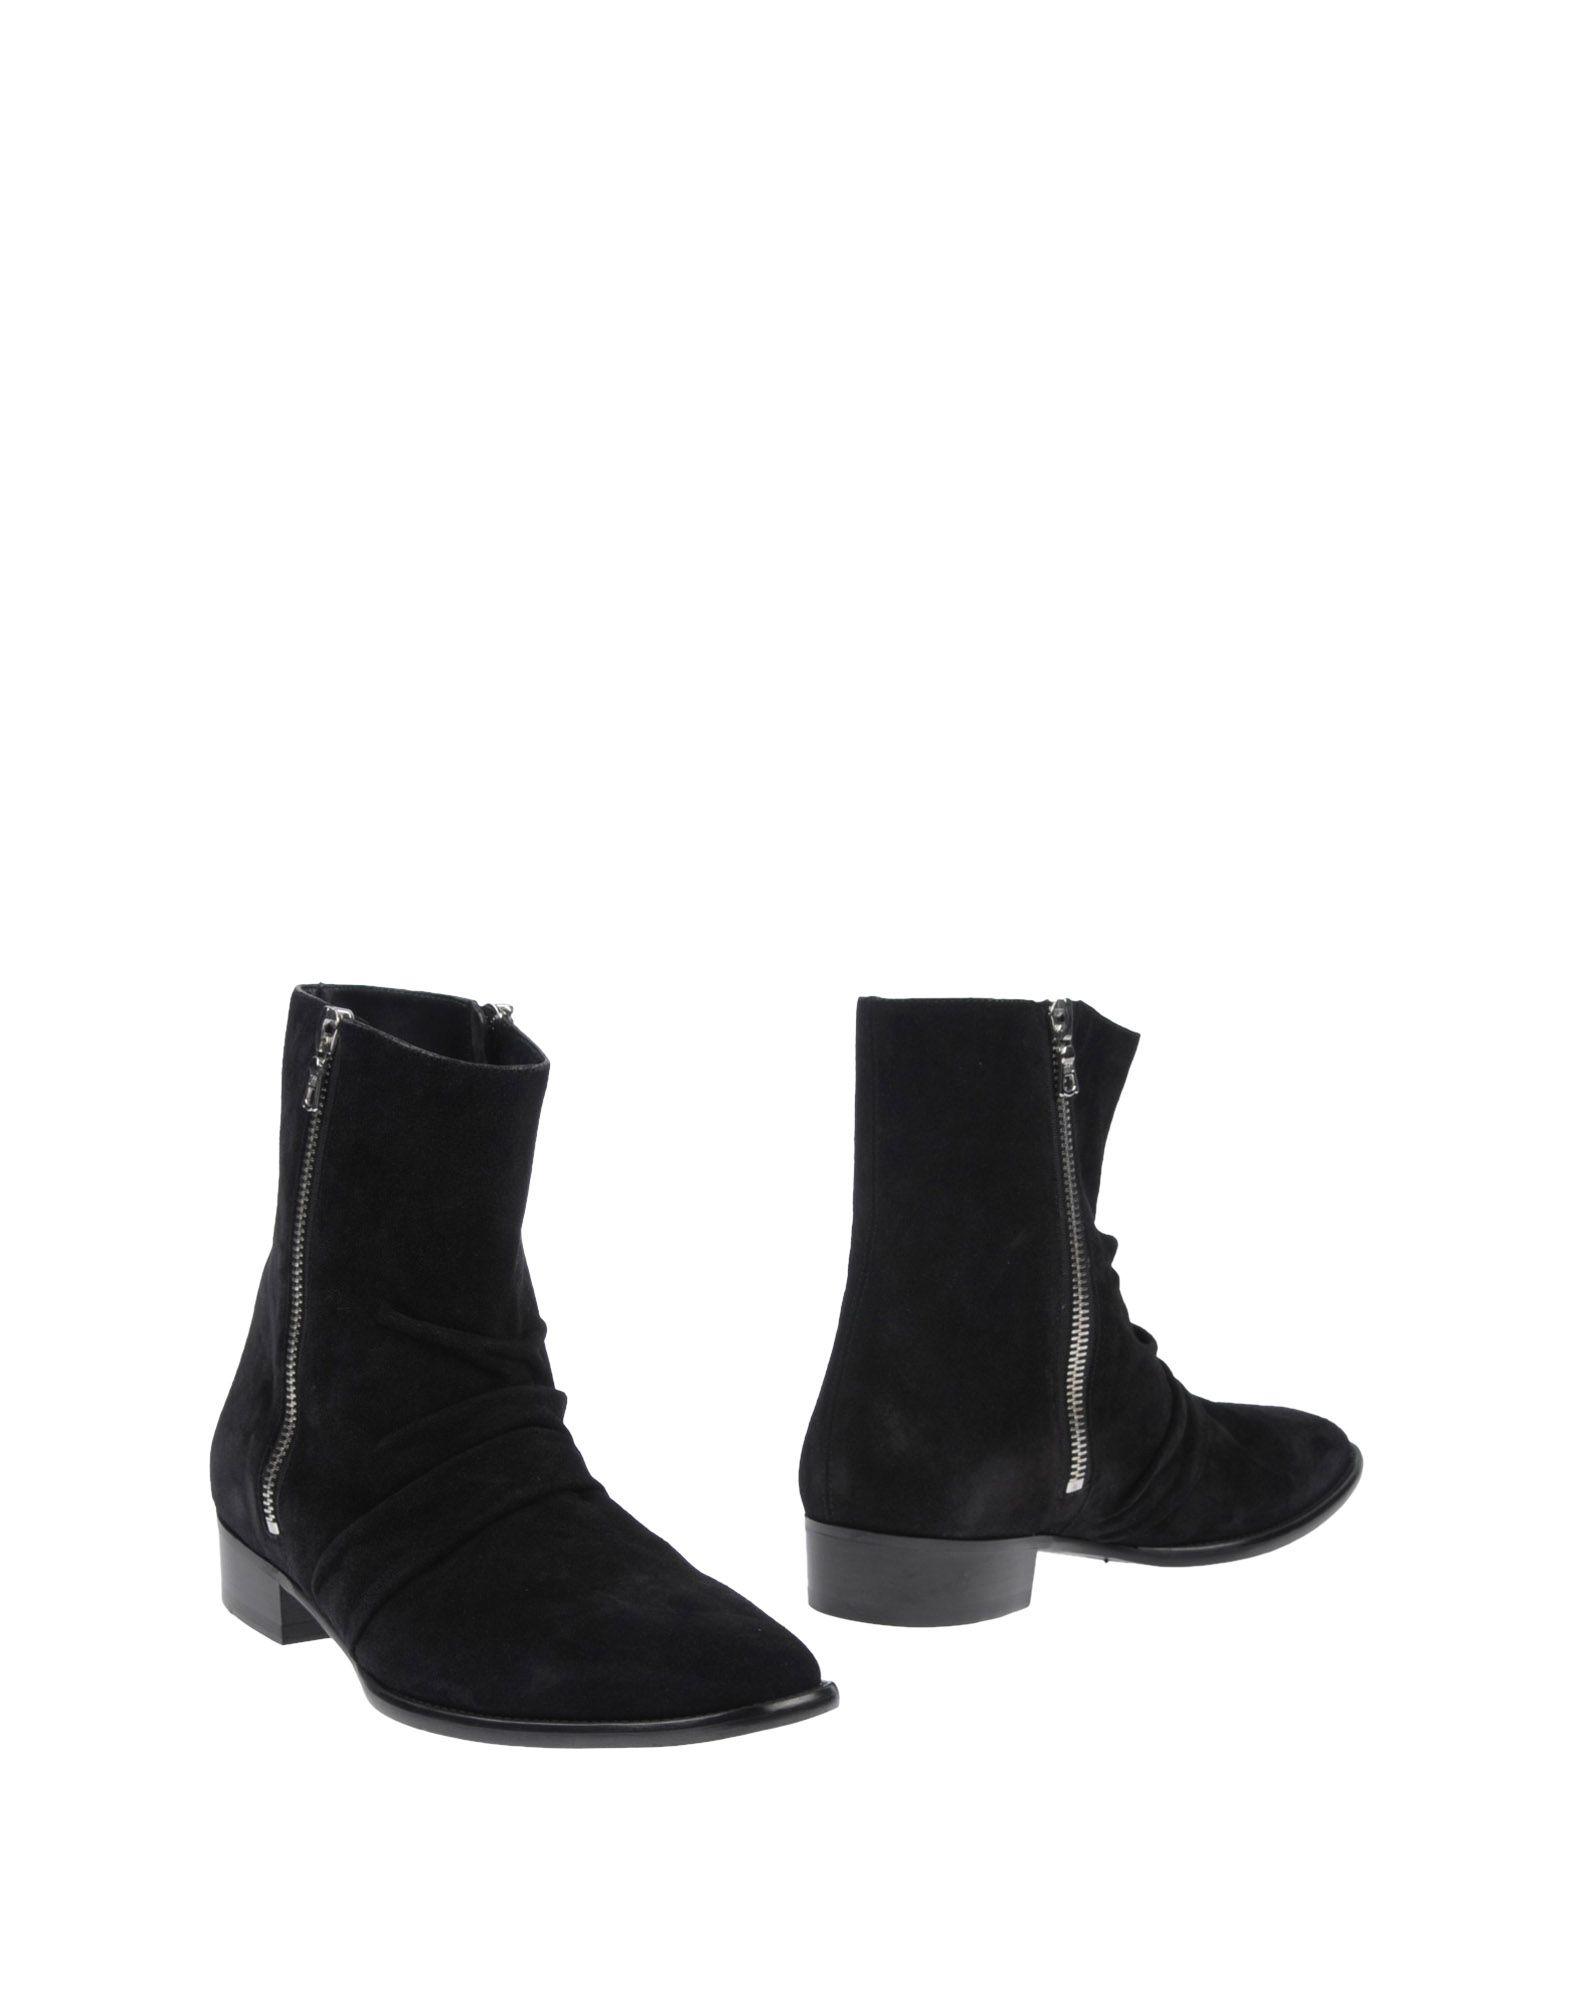 Amiri Stiefelette Herren  11449773VE Gute Qualität beliebte Schuhe